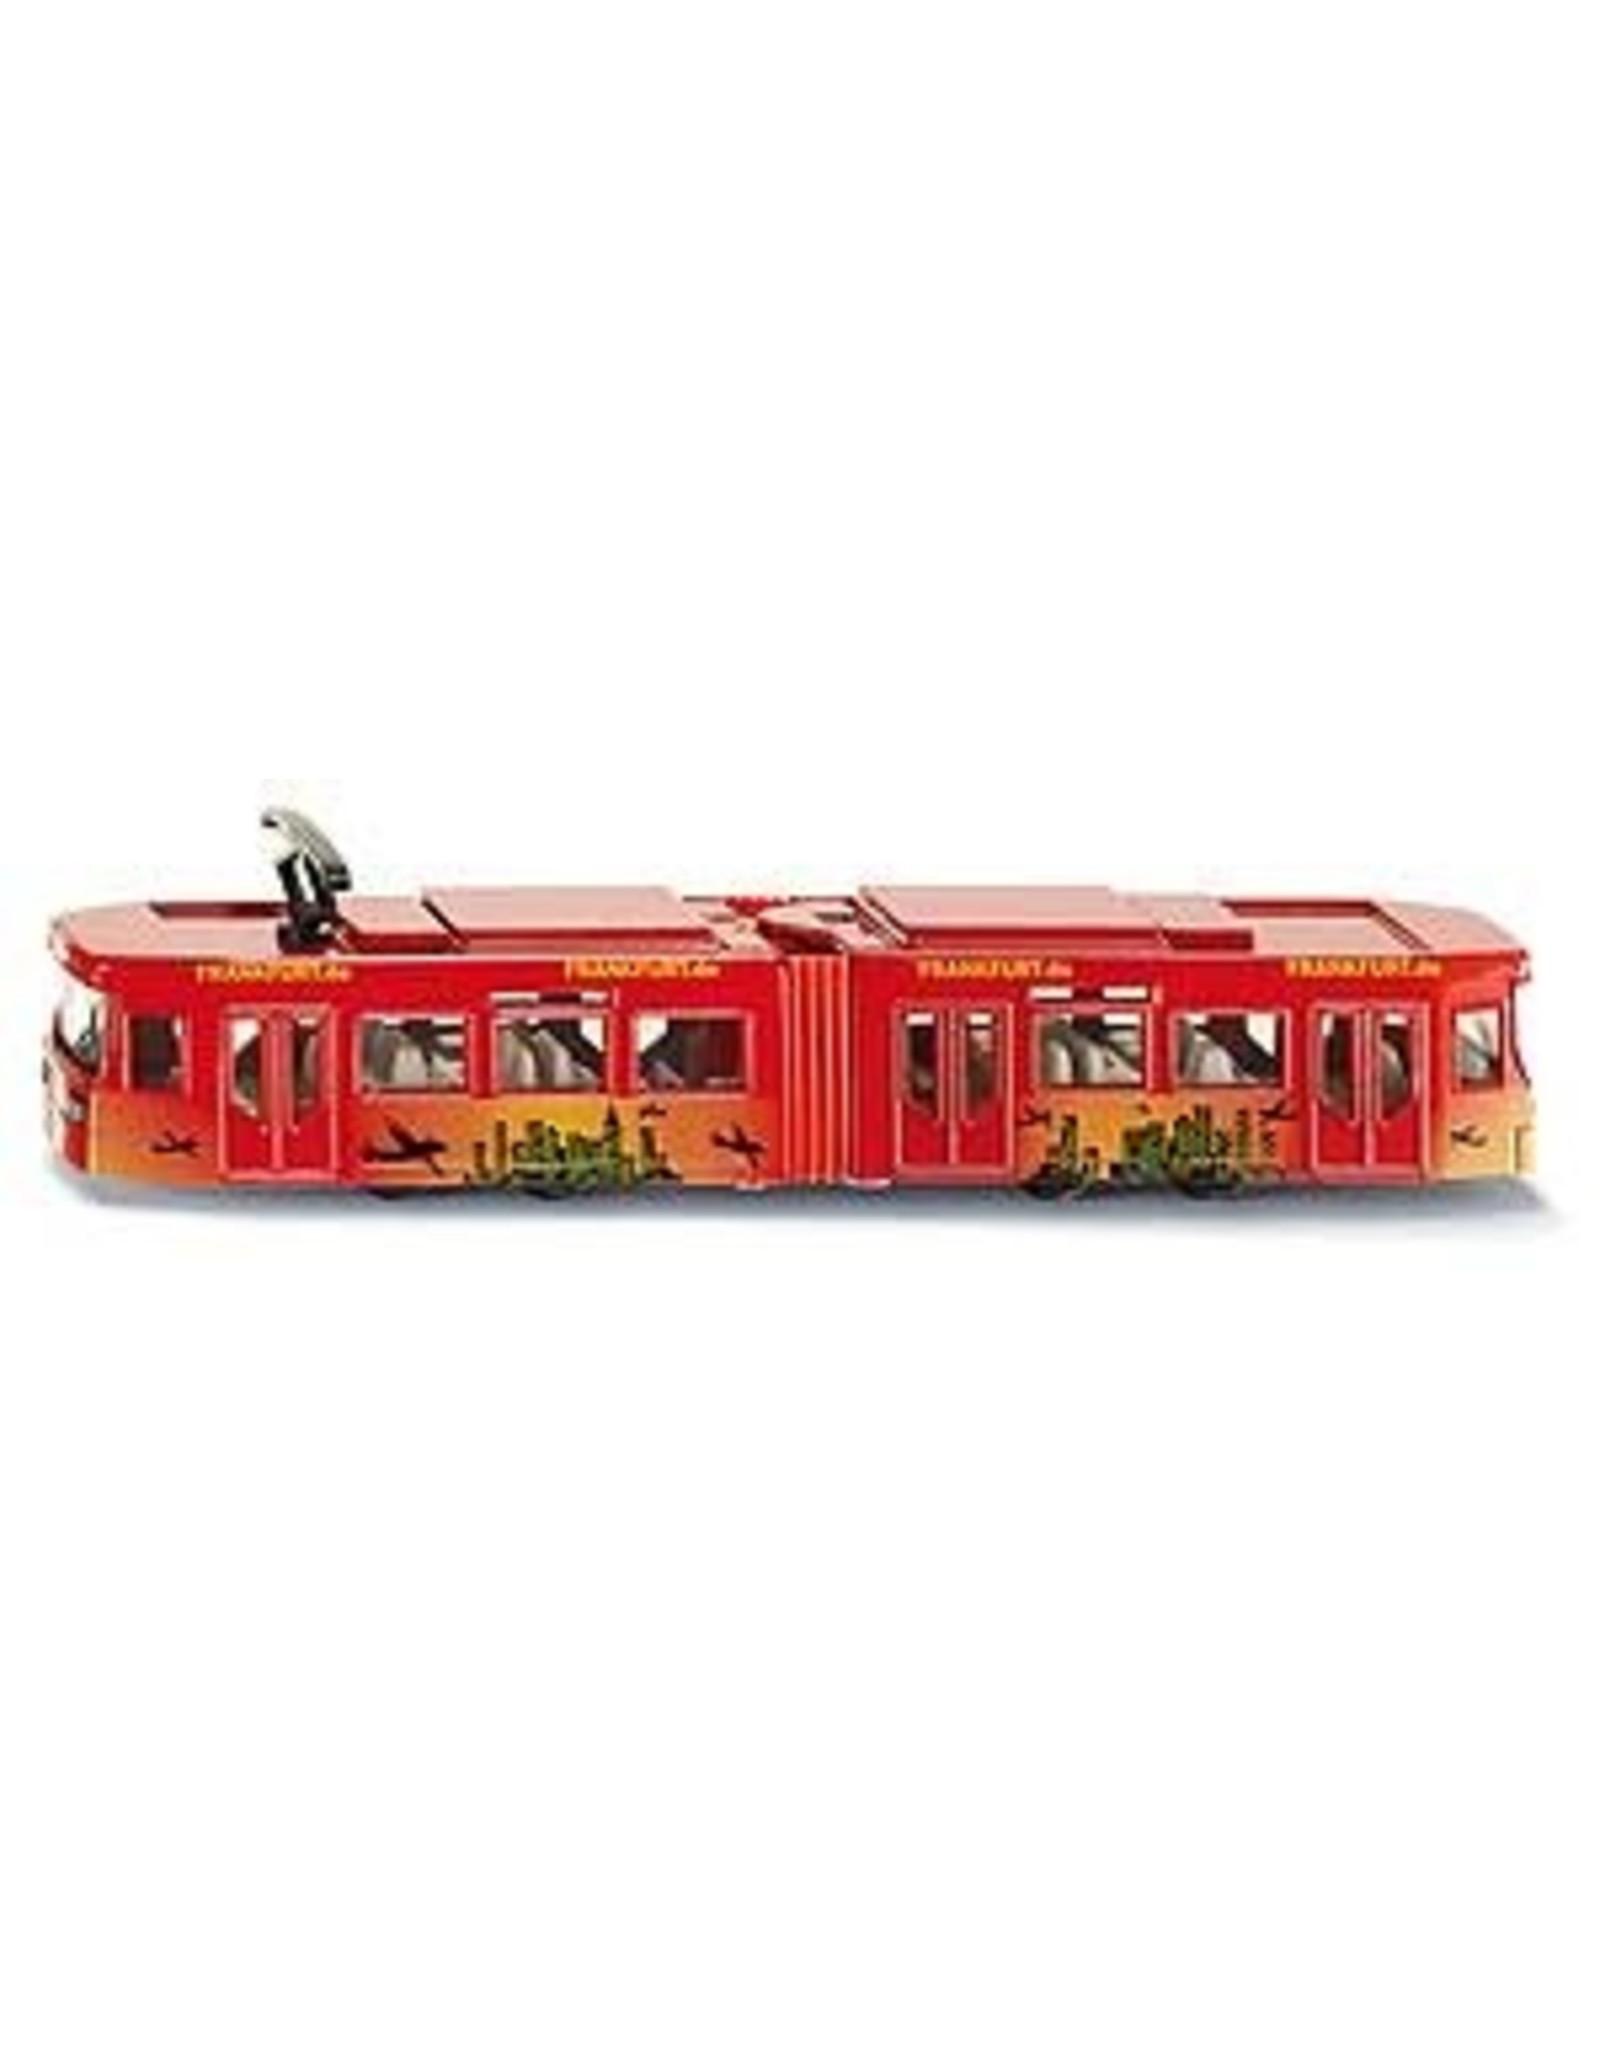 Siku Siku 1615 - Tram